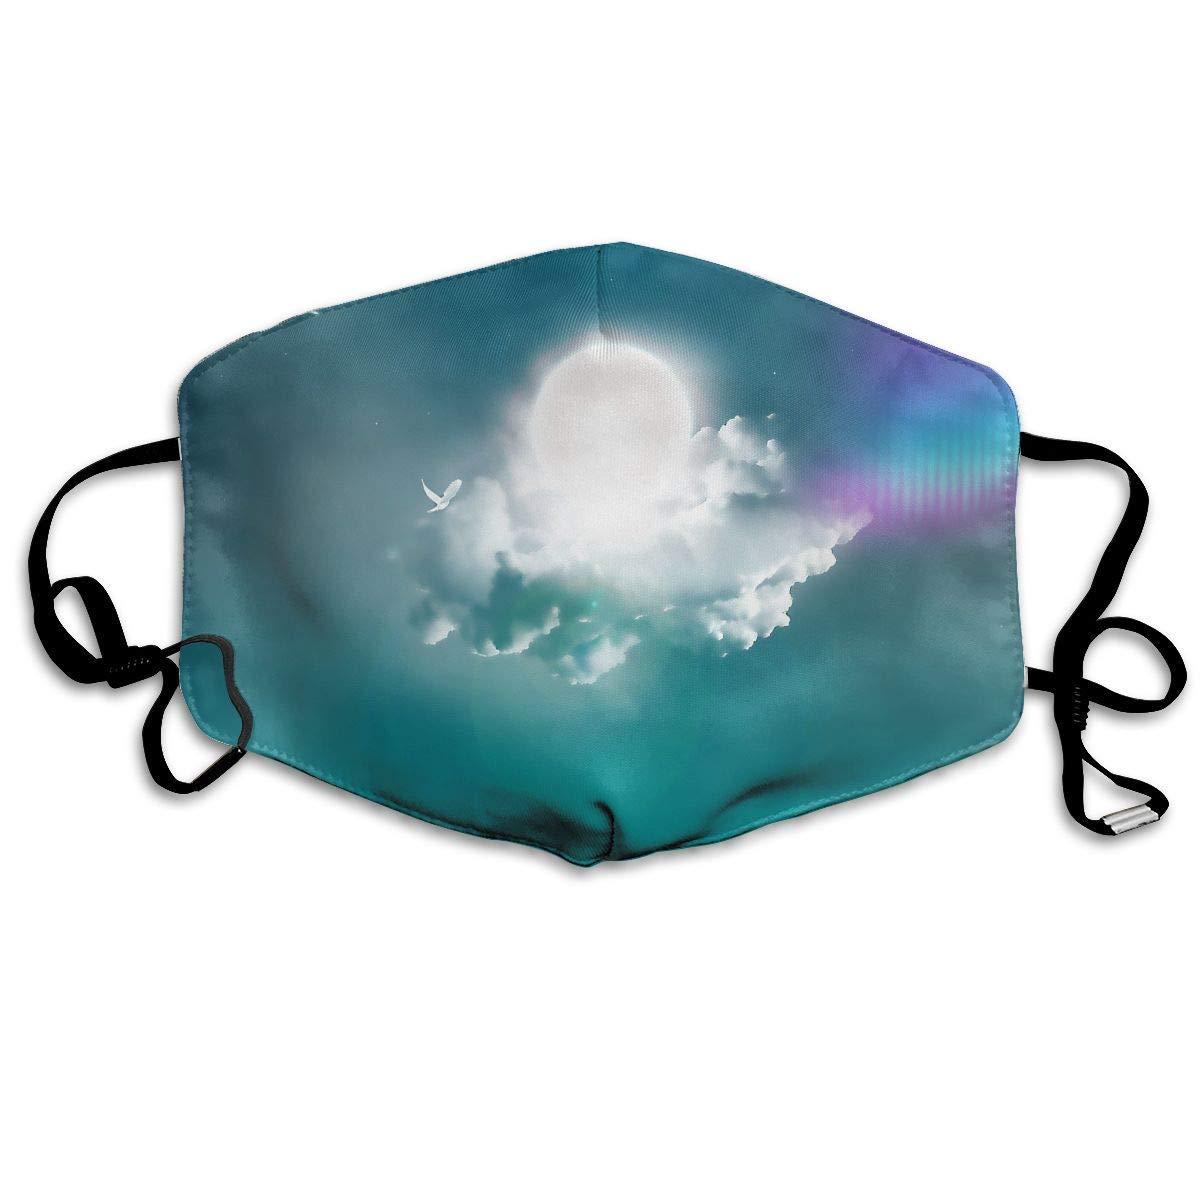 Daawqee Máscara de Boca, Antipolvo Cubierta de Boca Cloud Pattern Reusable Washable Earloop Máscara de Boca for Men Women